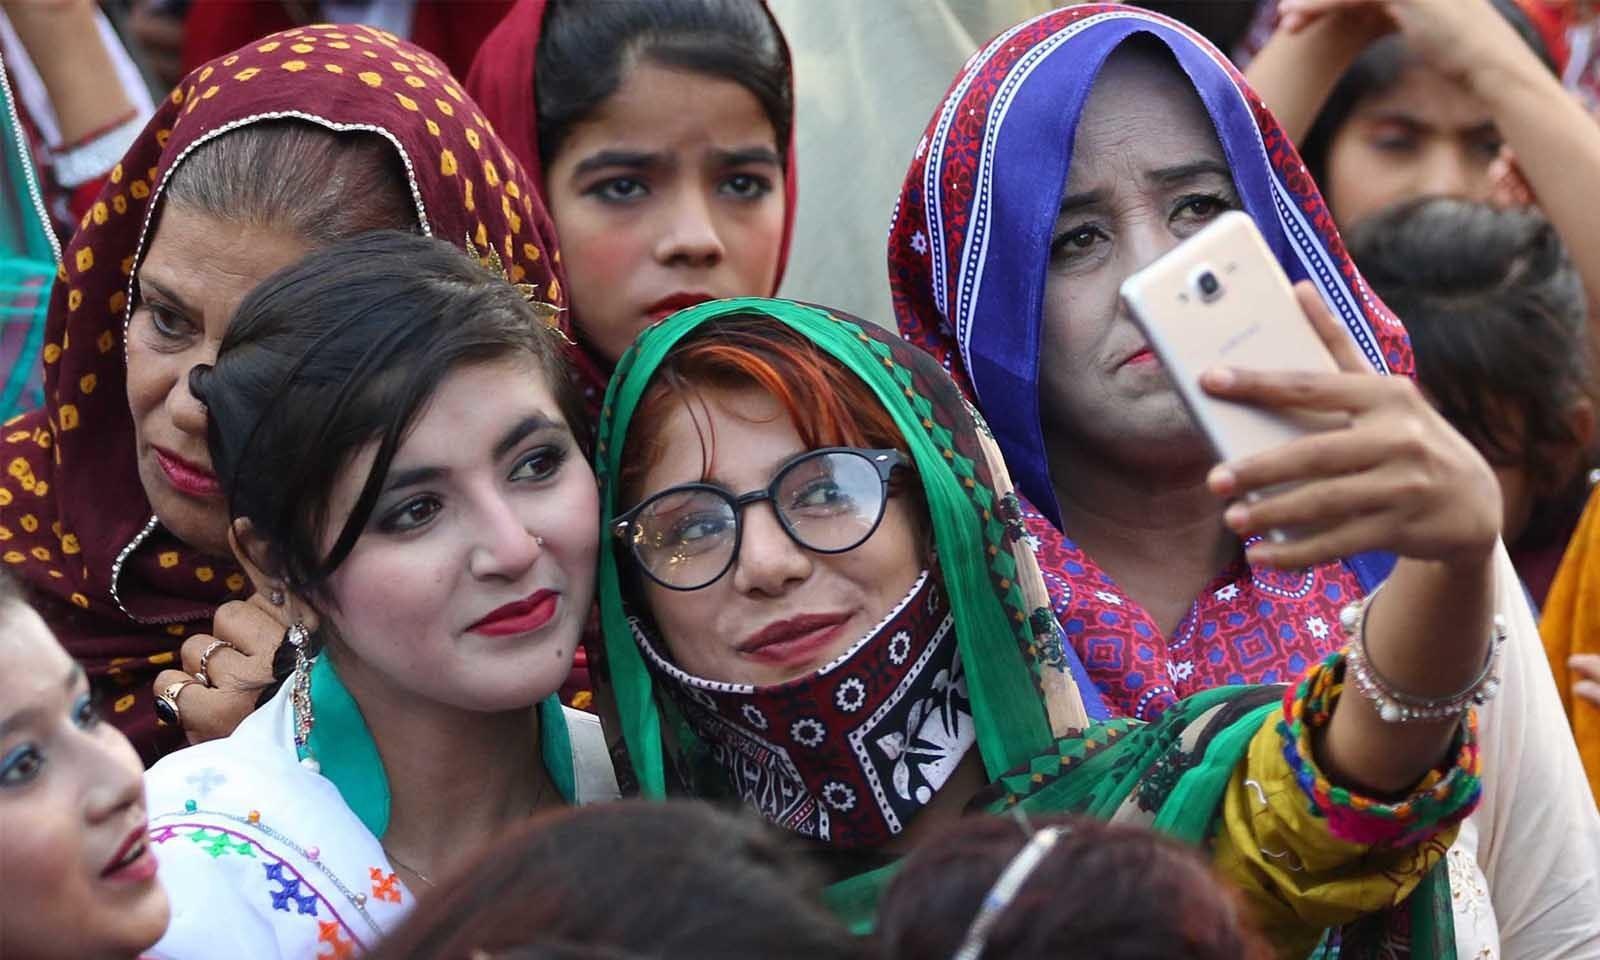 اس موقع پر لوگوں کا جوش و خروش قابل دید تھا—فوٹو: وقاص علی